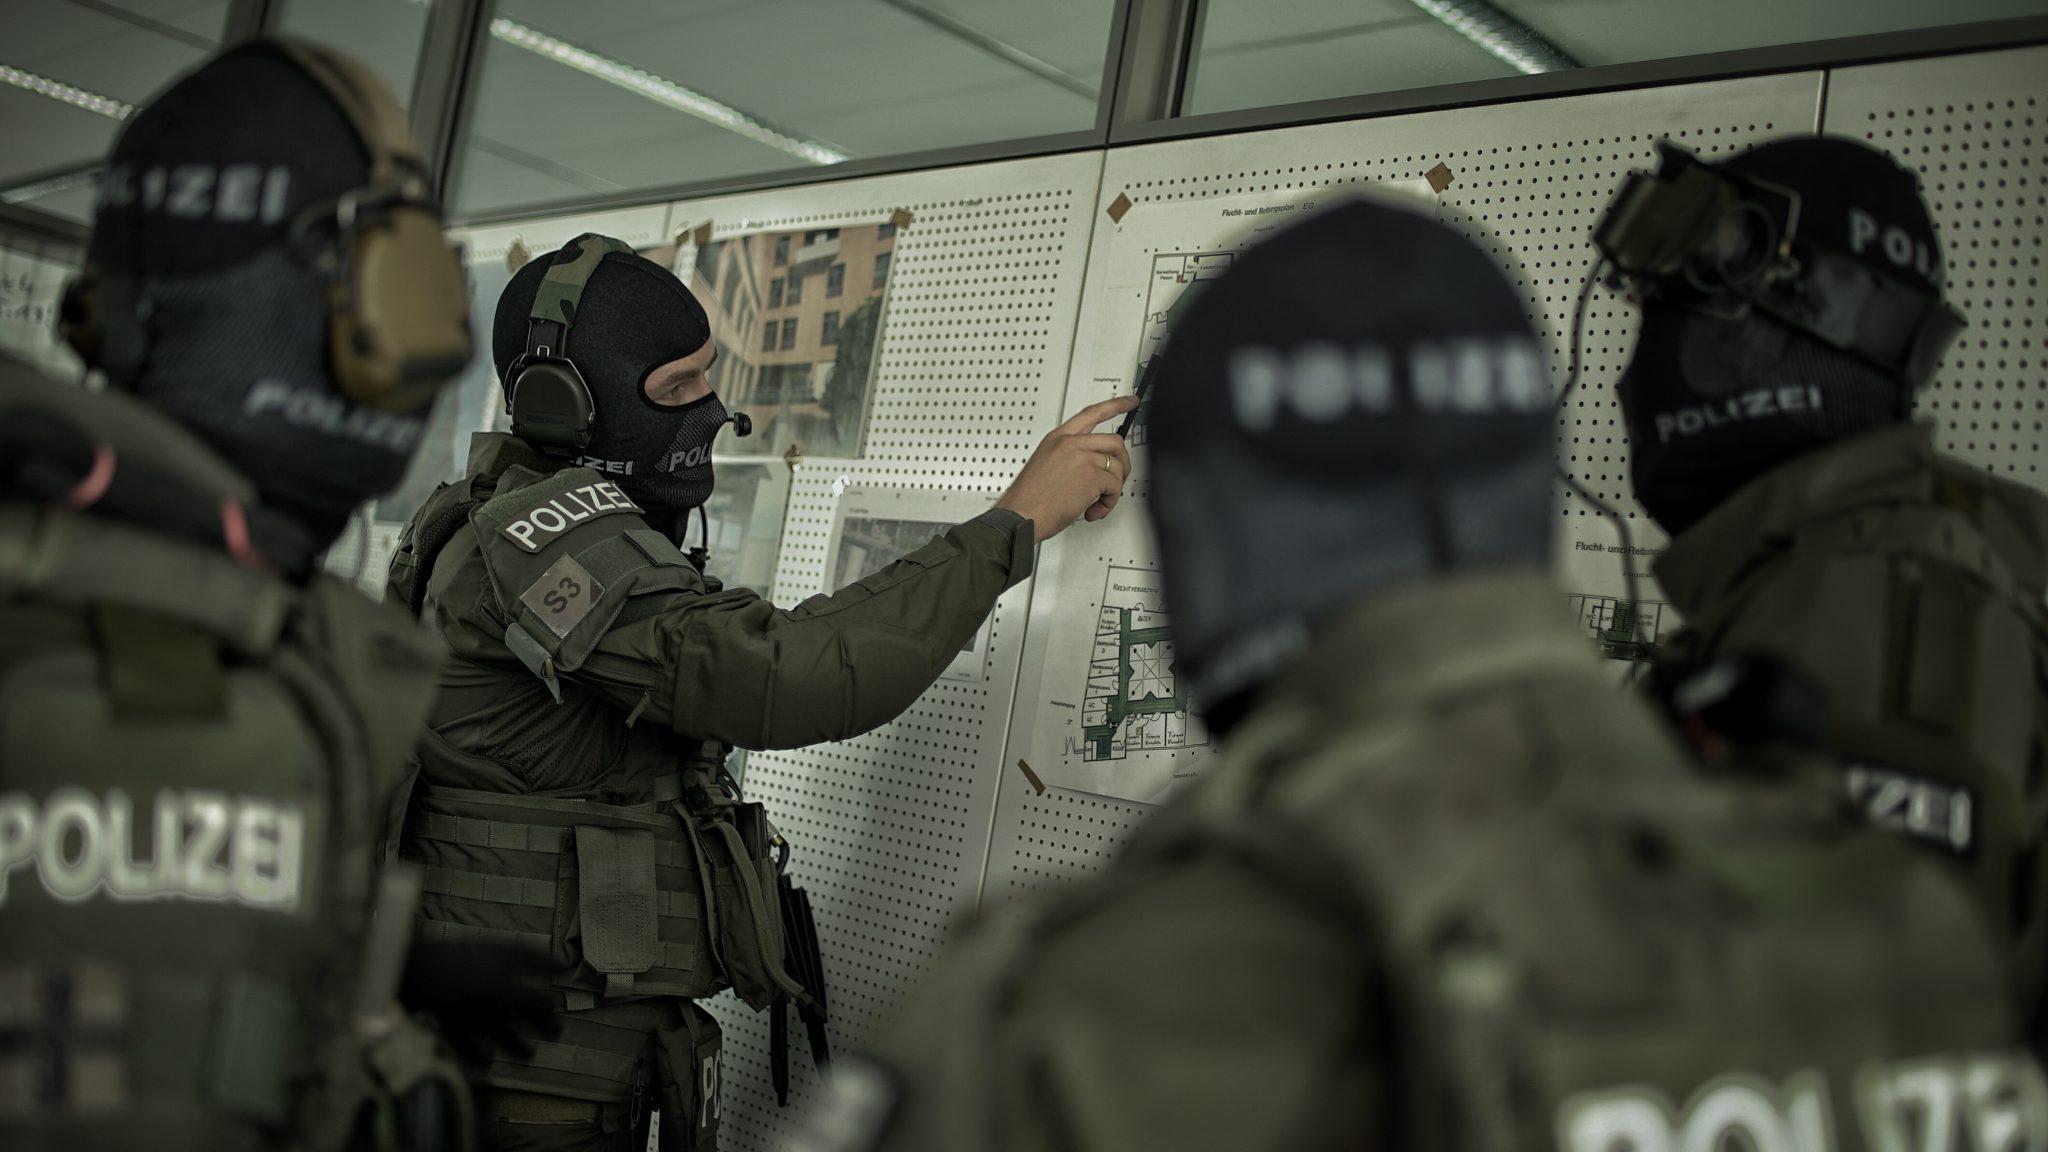 MG Action, MG Forces, Special Forces für Film, SEK Film, GSG9 Film, Polizei Film, Einsatzbesprechung